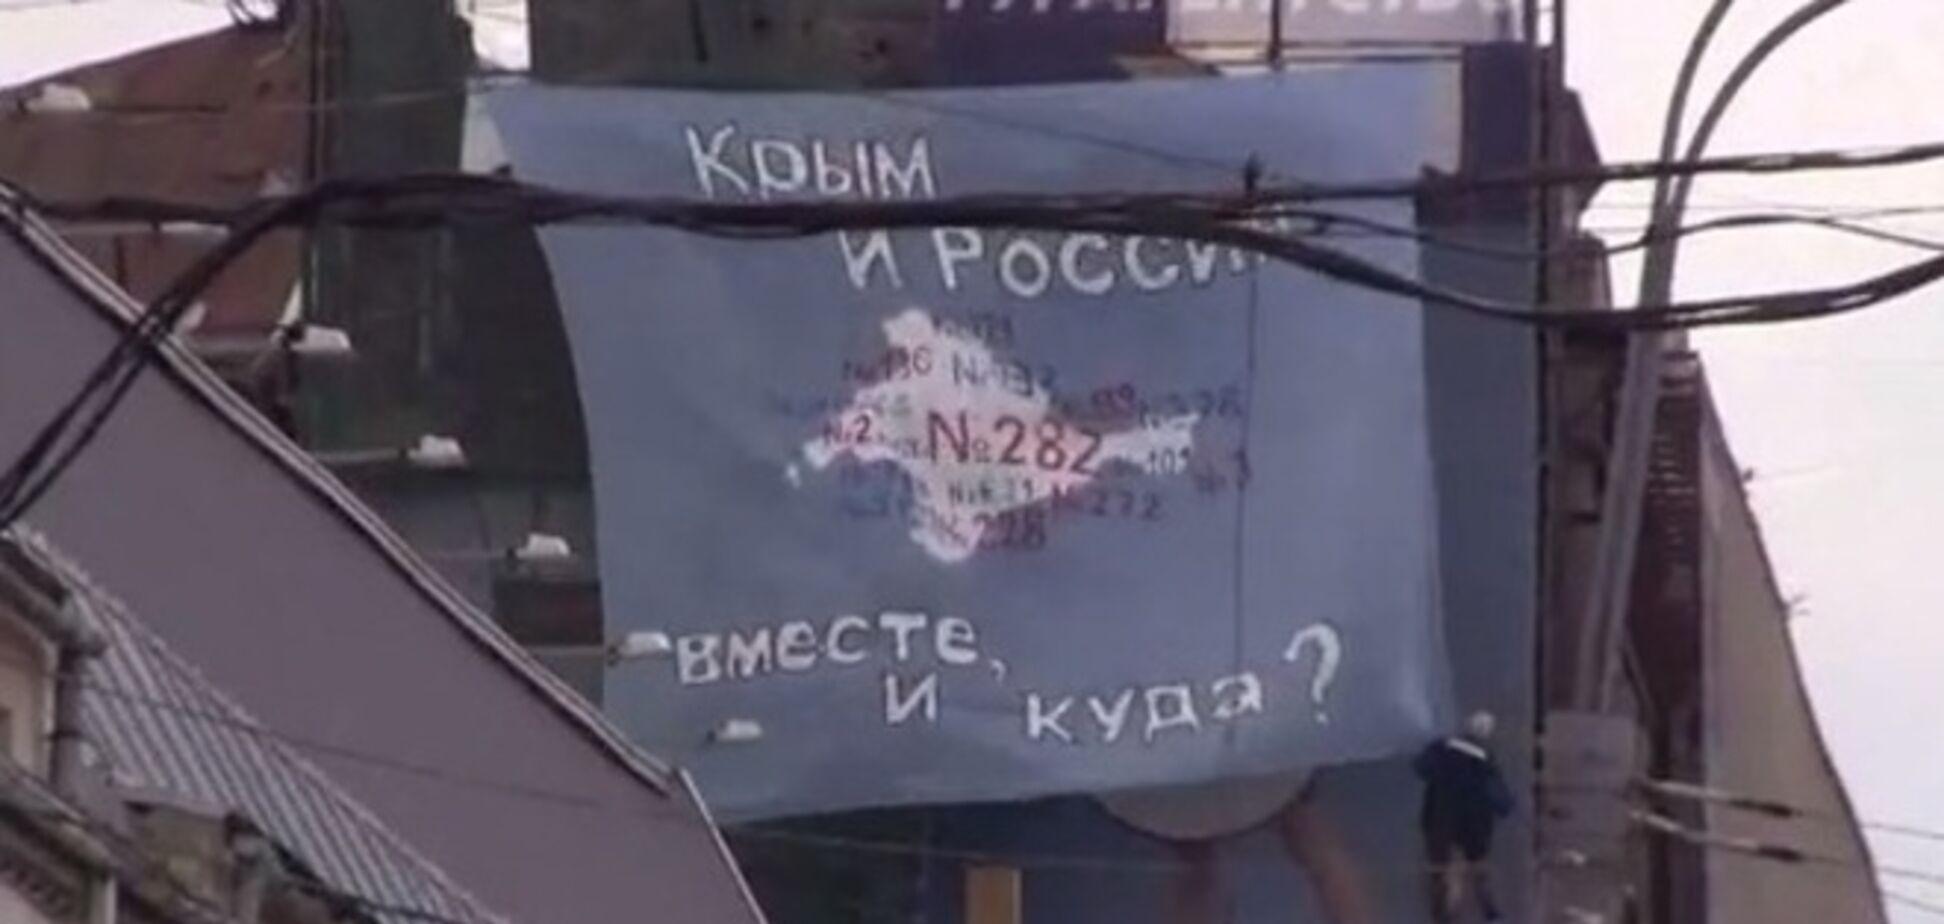 У Москві вивісили банер 'Крим і Росія разом, і куди?'